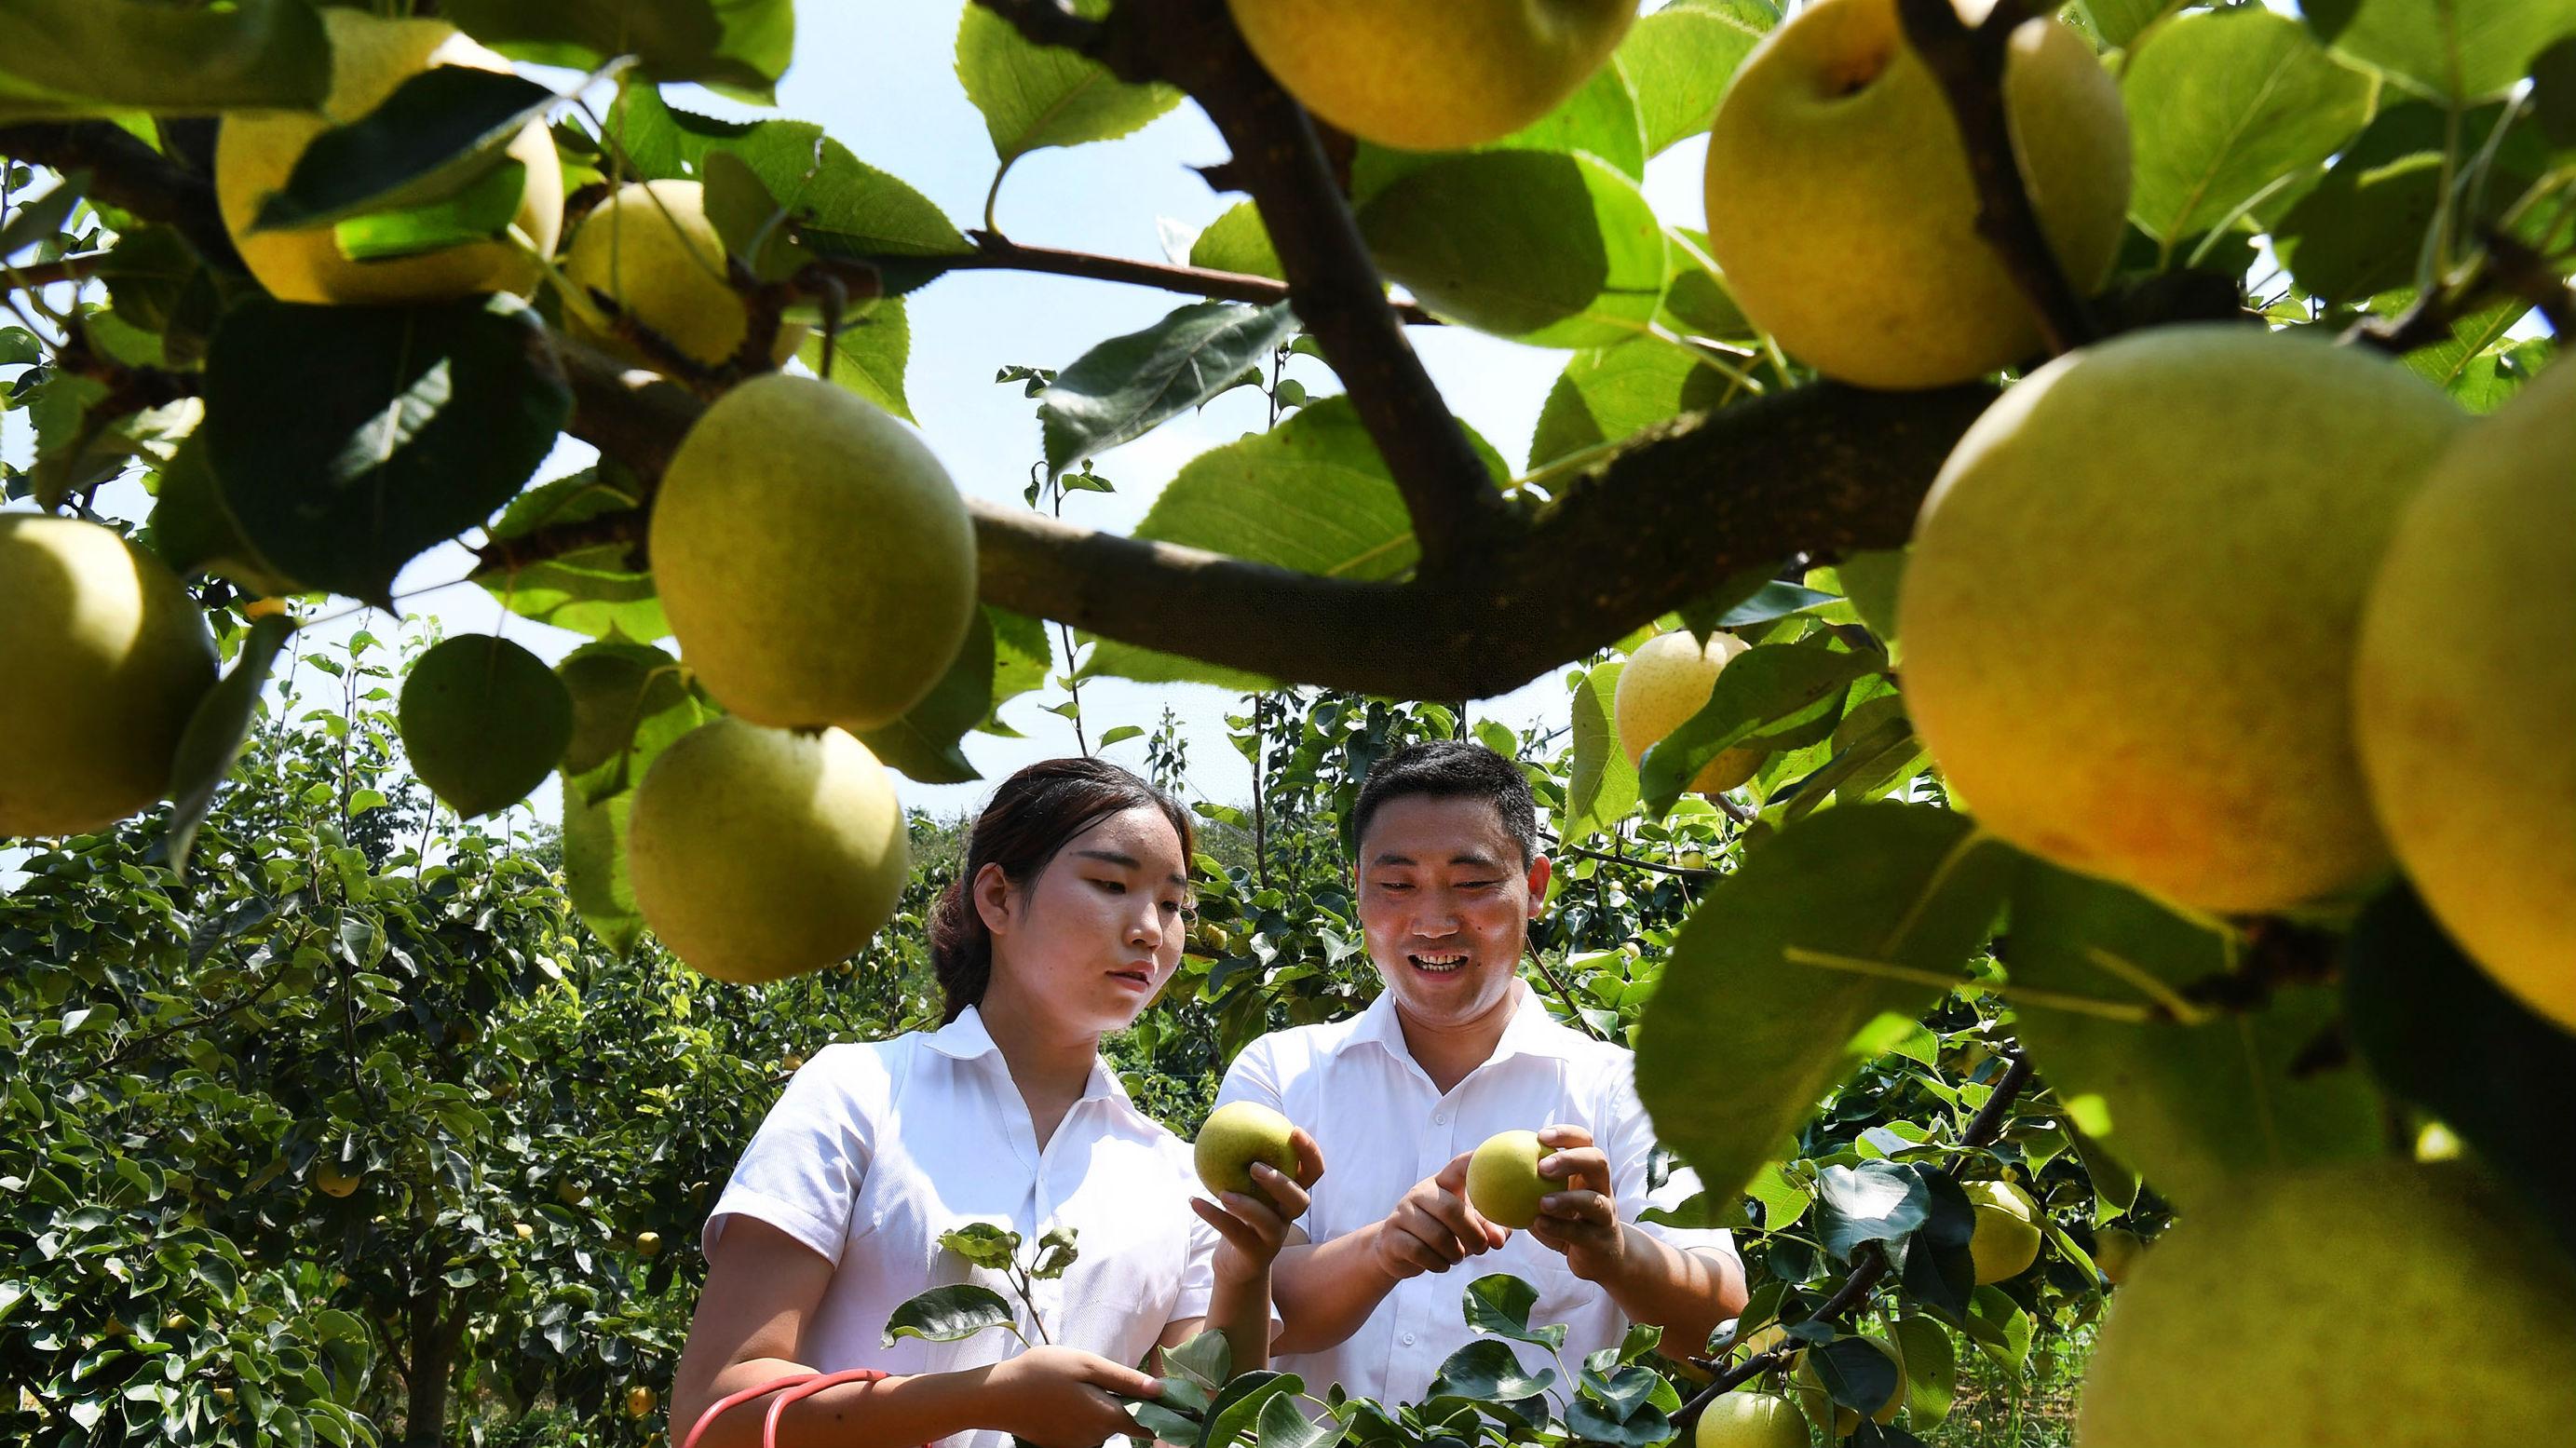 中日民间在有机农业领域寻找商机 日媒:可展现各自所长